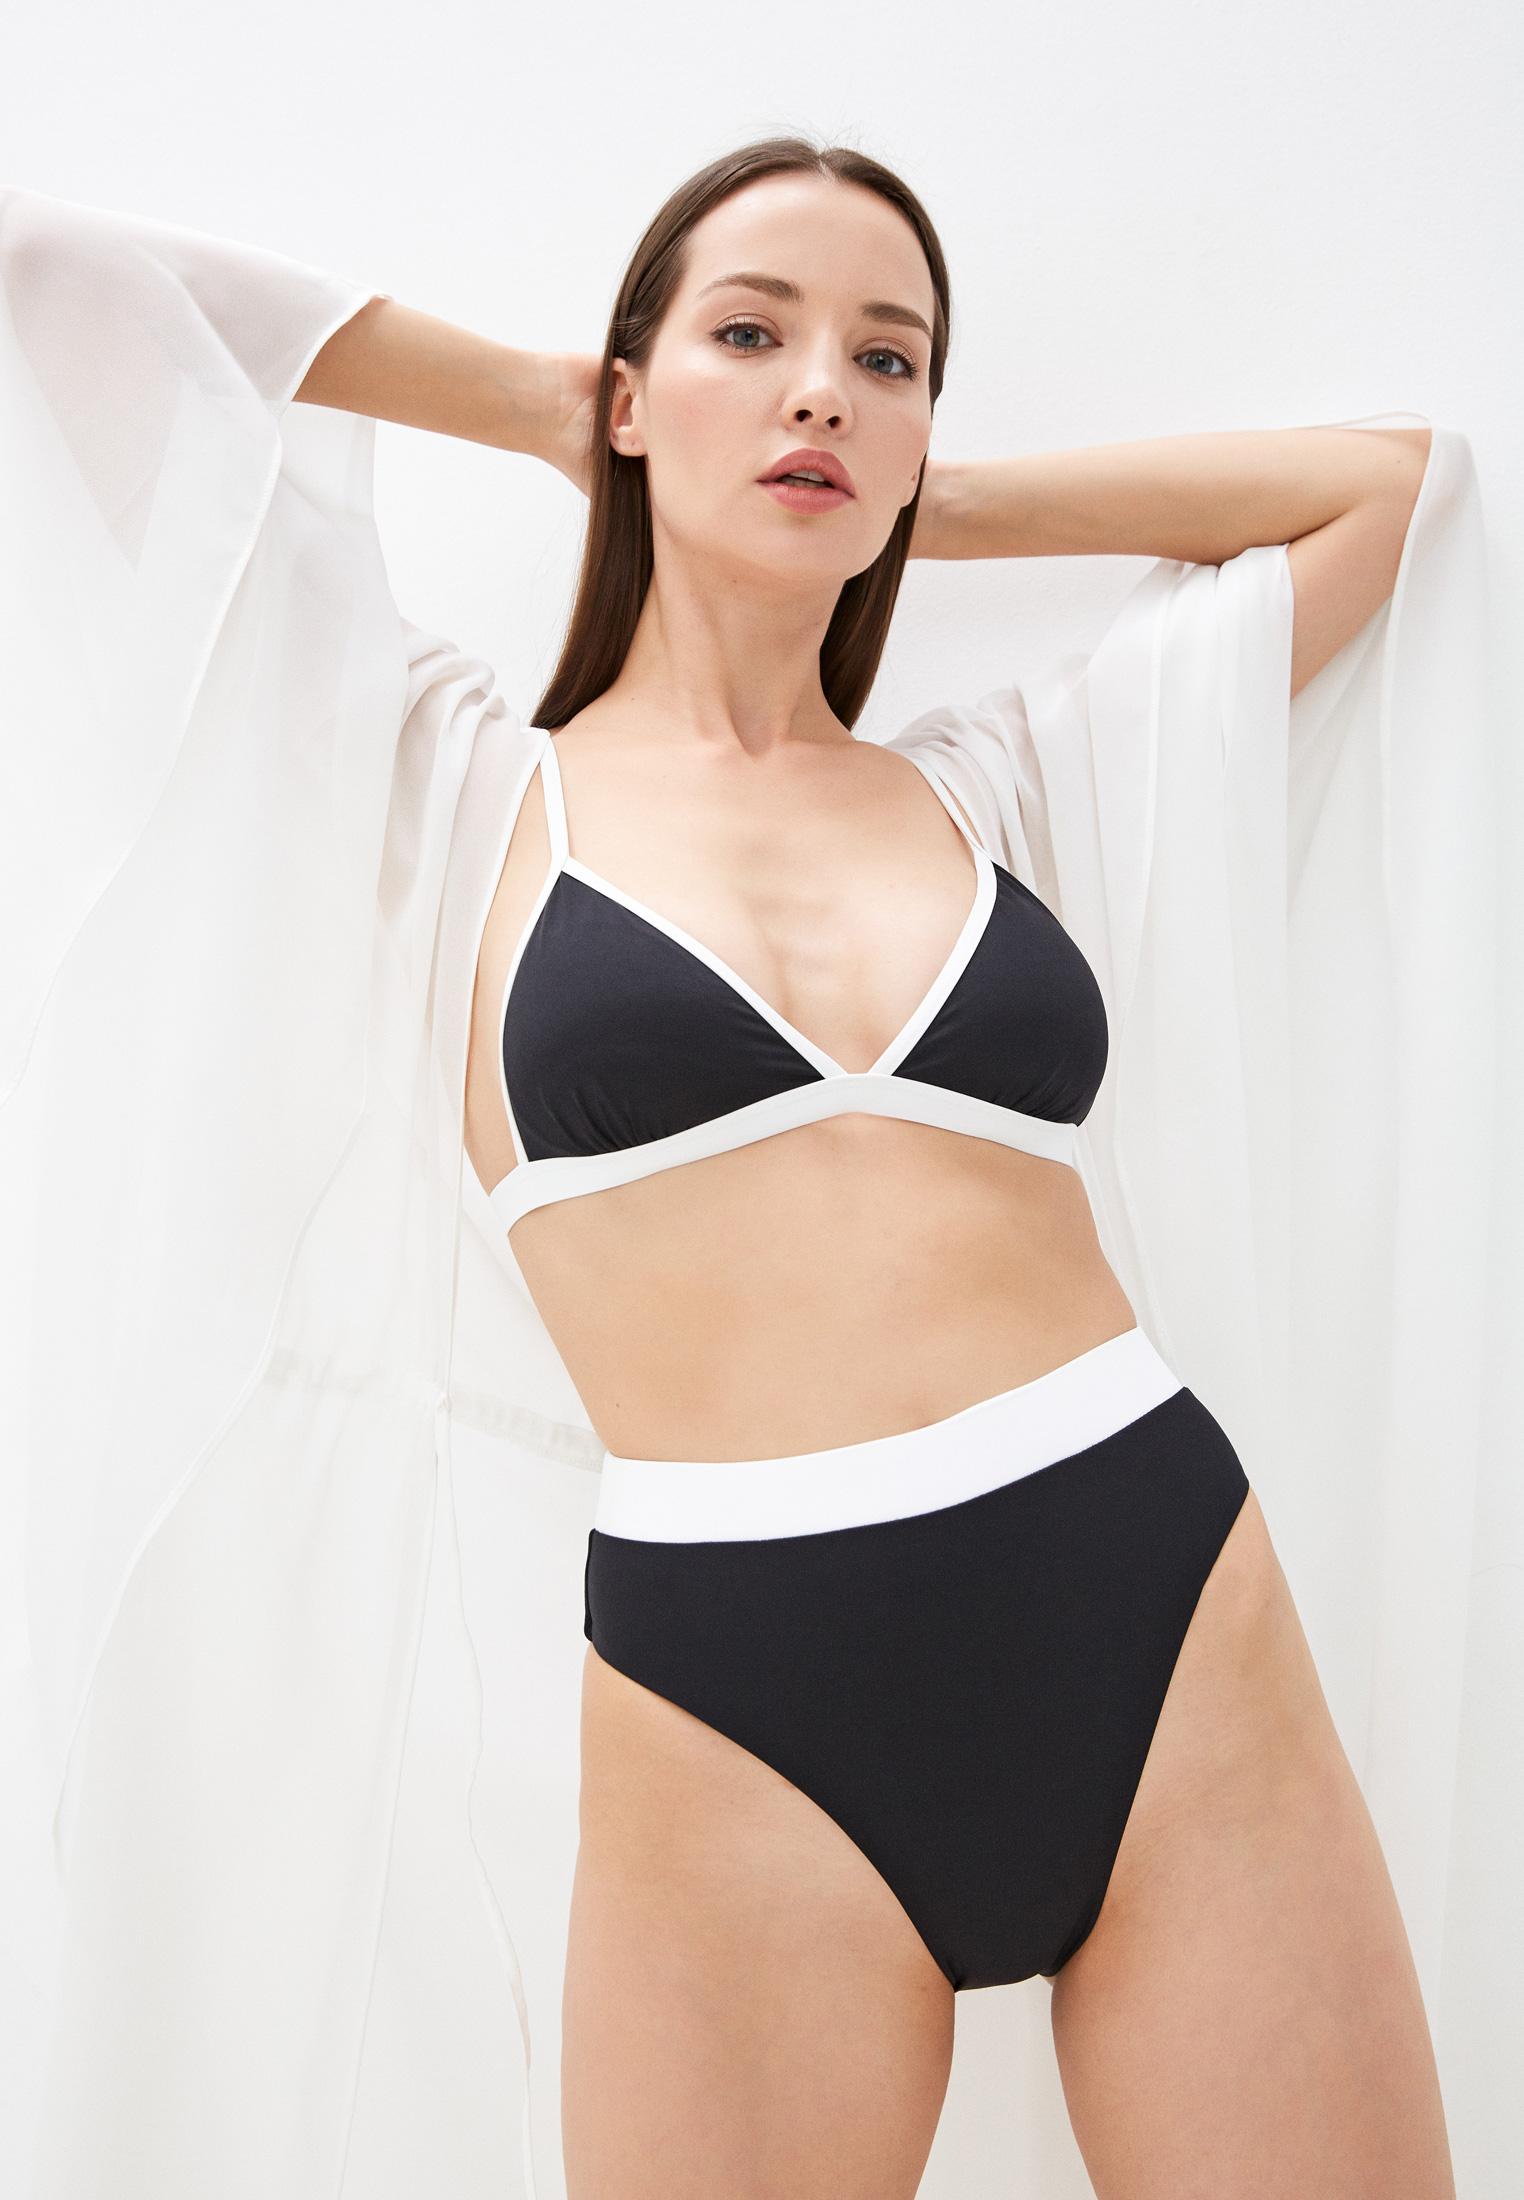 Женские раздельные купальники Moda Sincera Купальник Moda Sincera